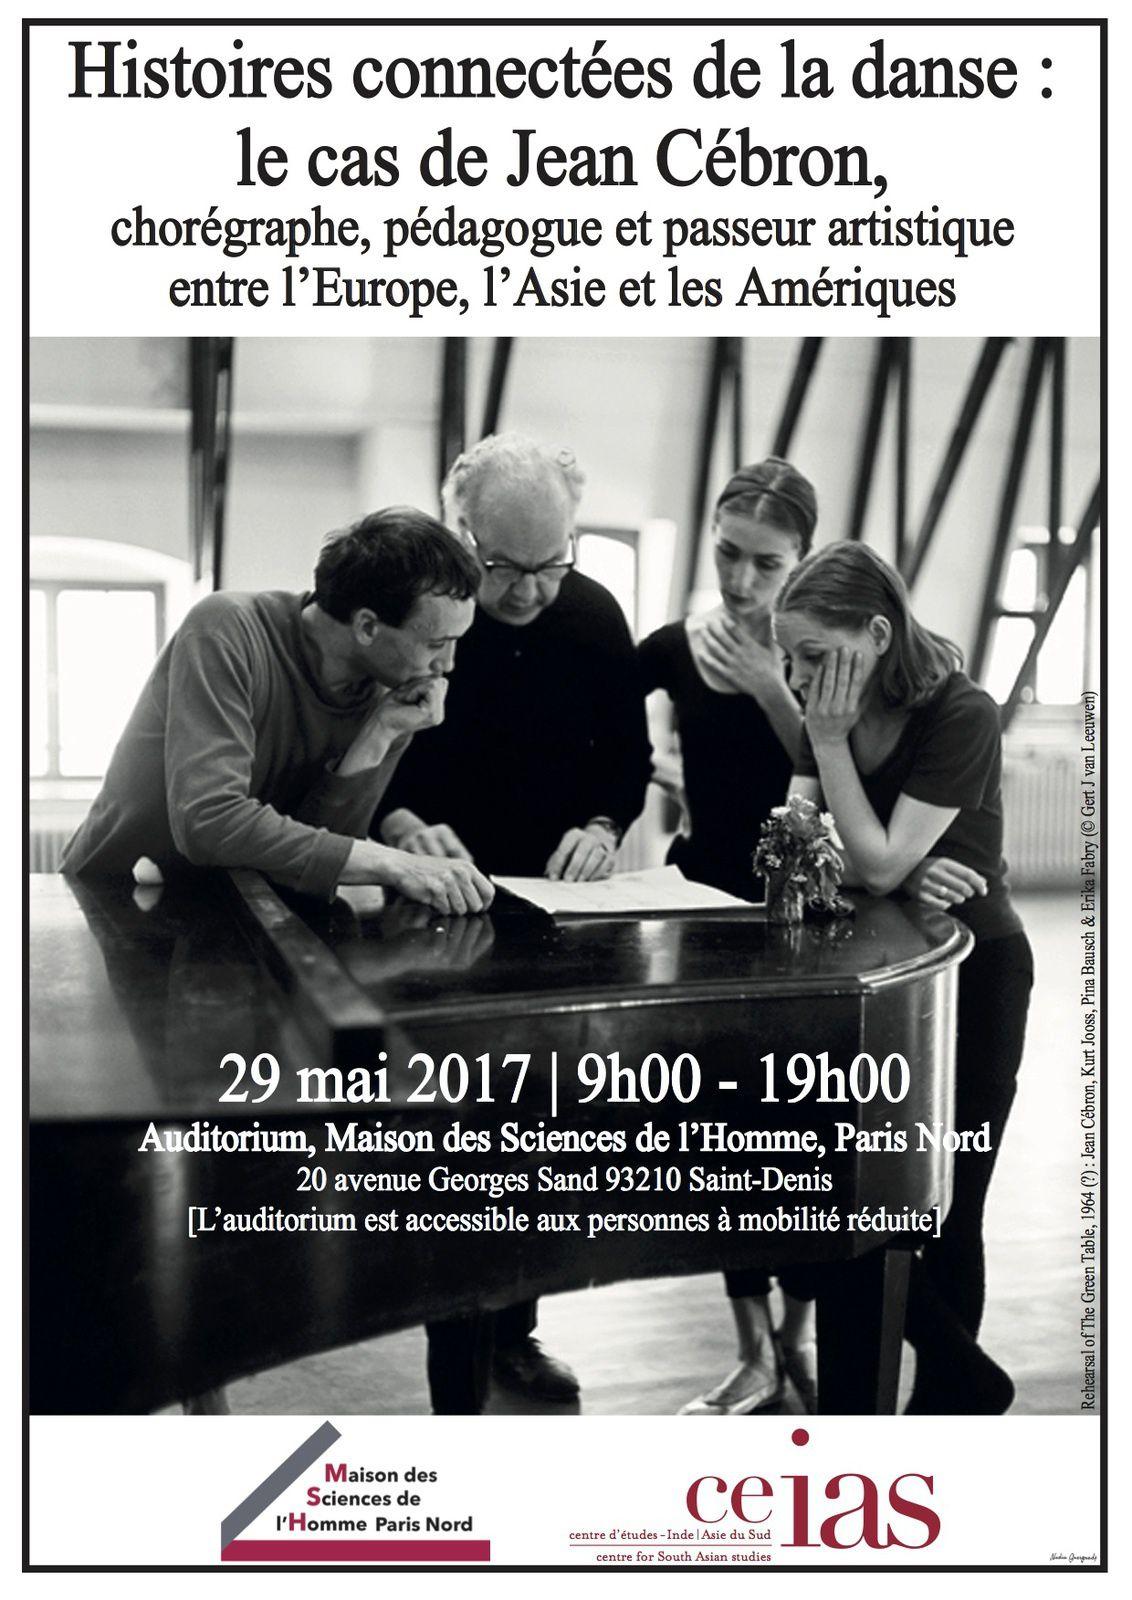 chorégraphe, pédagogue et passeur artistique entre l'Europe, l'Asie et les Amériques.